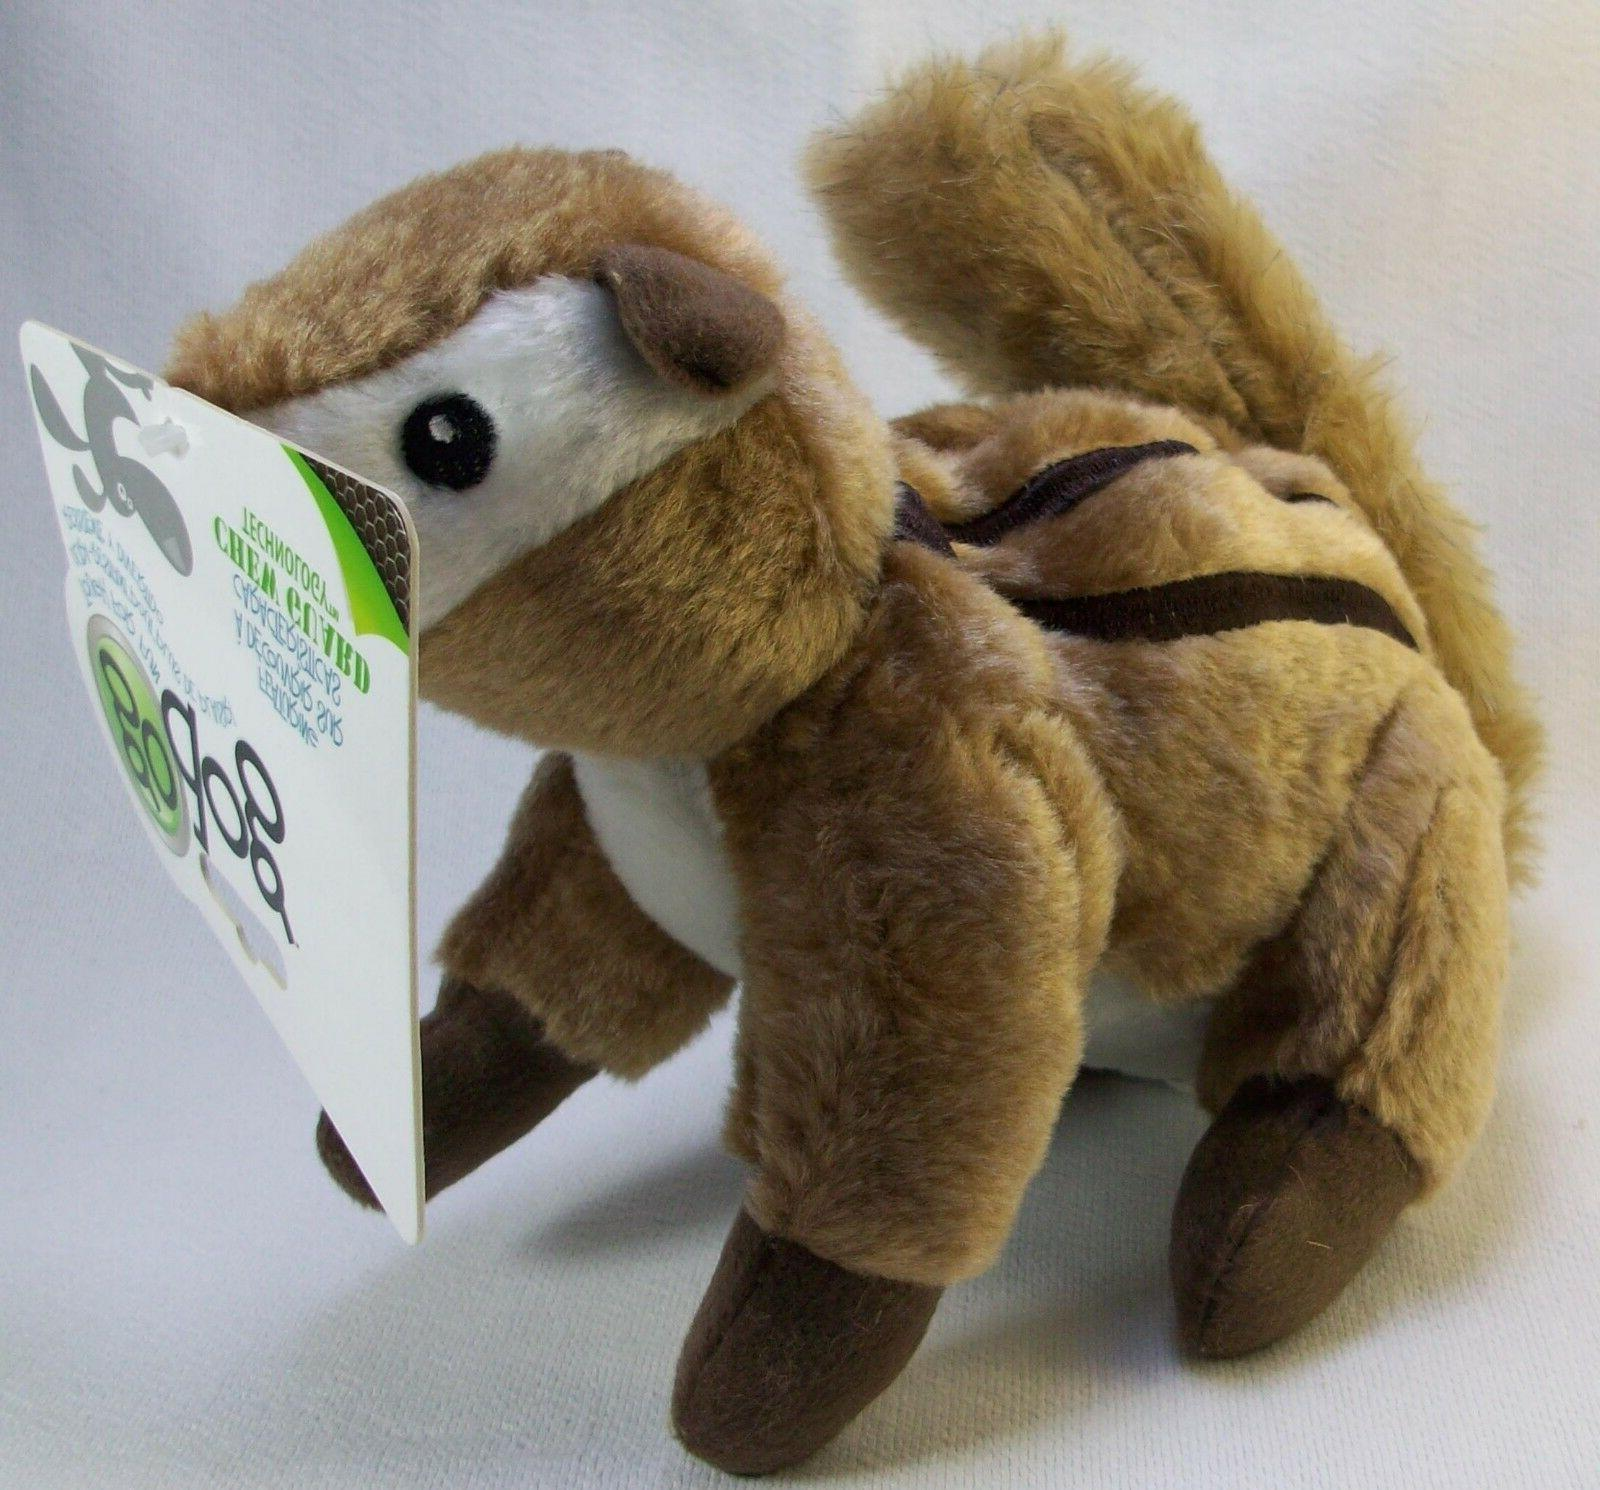 GoDog Dog Toy with Brand